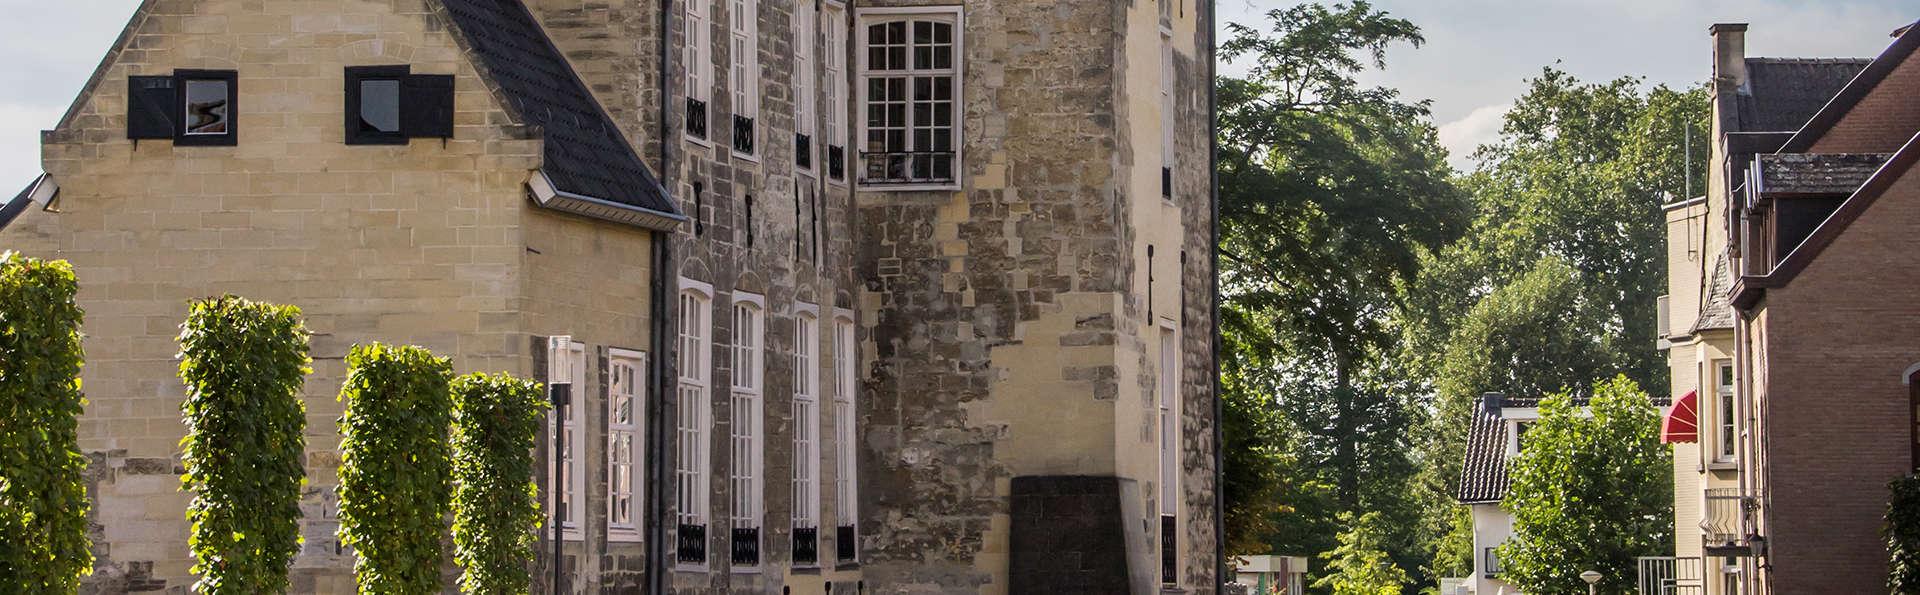 Découverte et détente dans le centre historique de Valkenburg